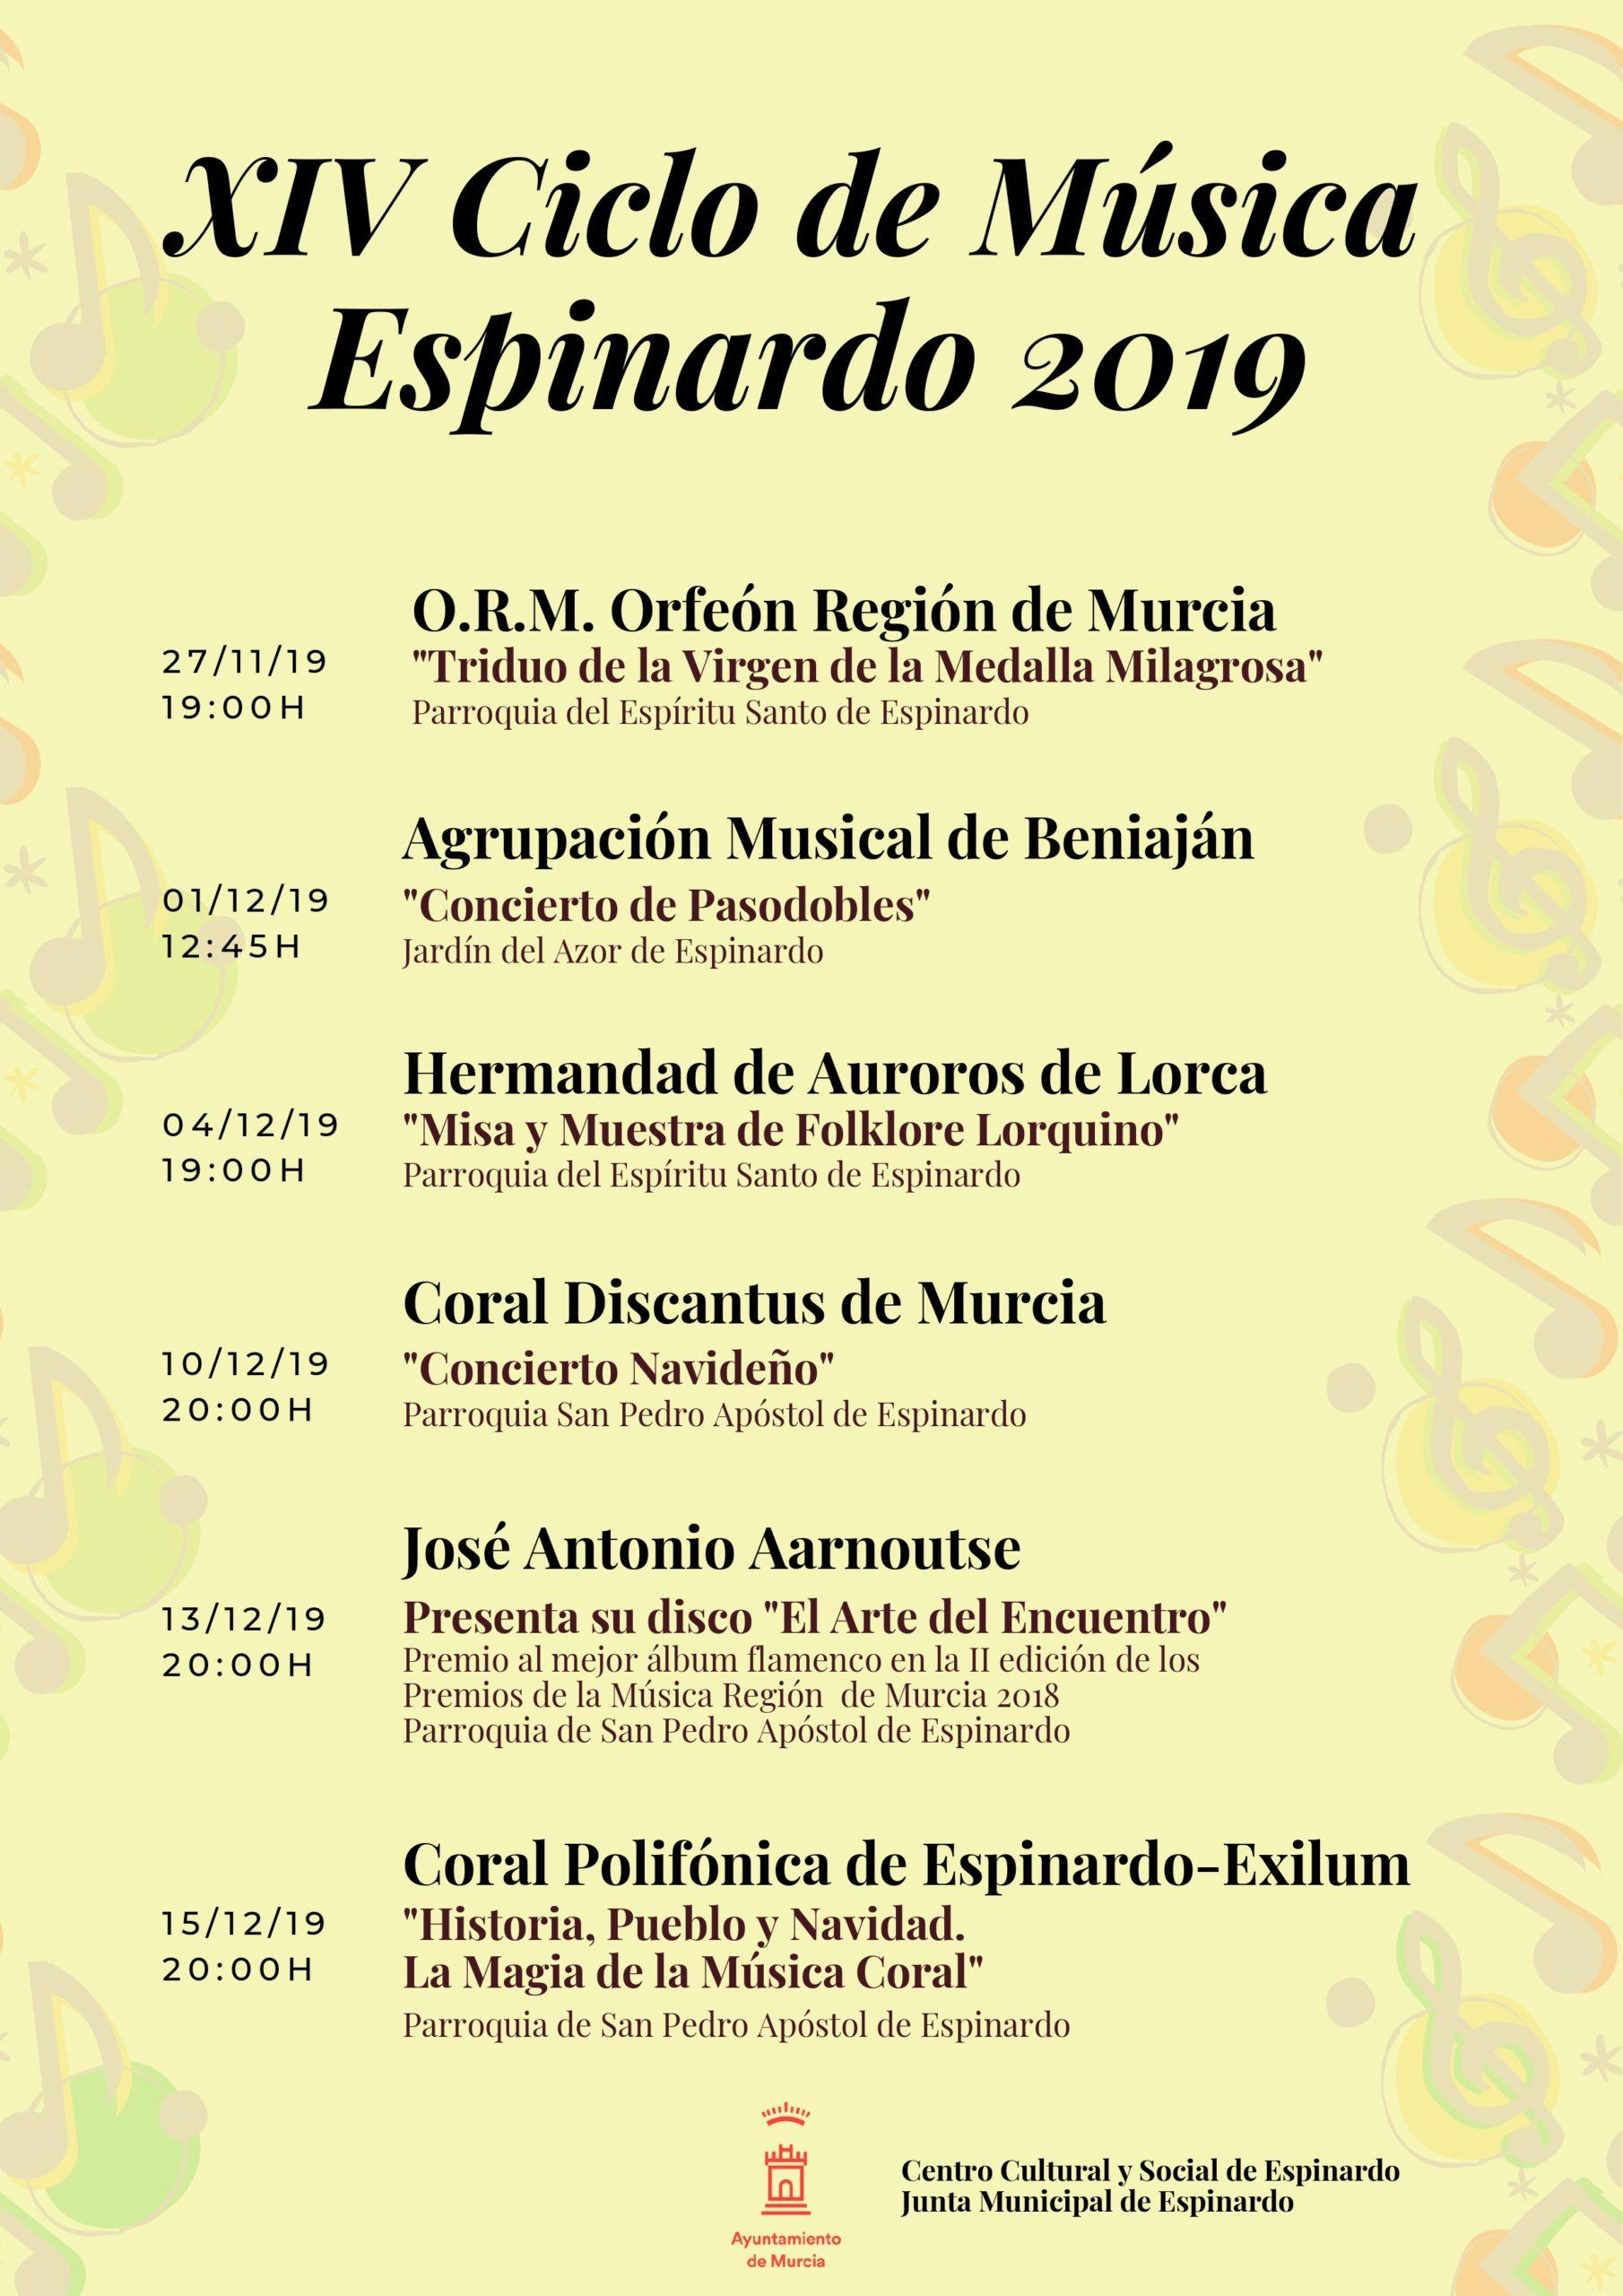 Ciclo de Música Espinardo 2019